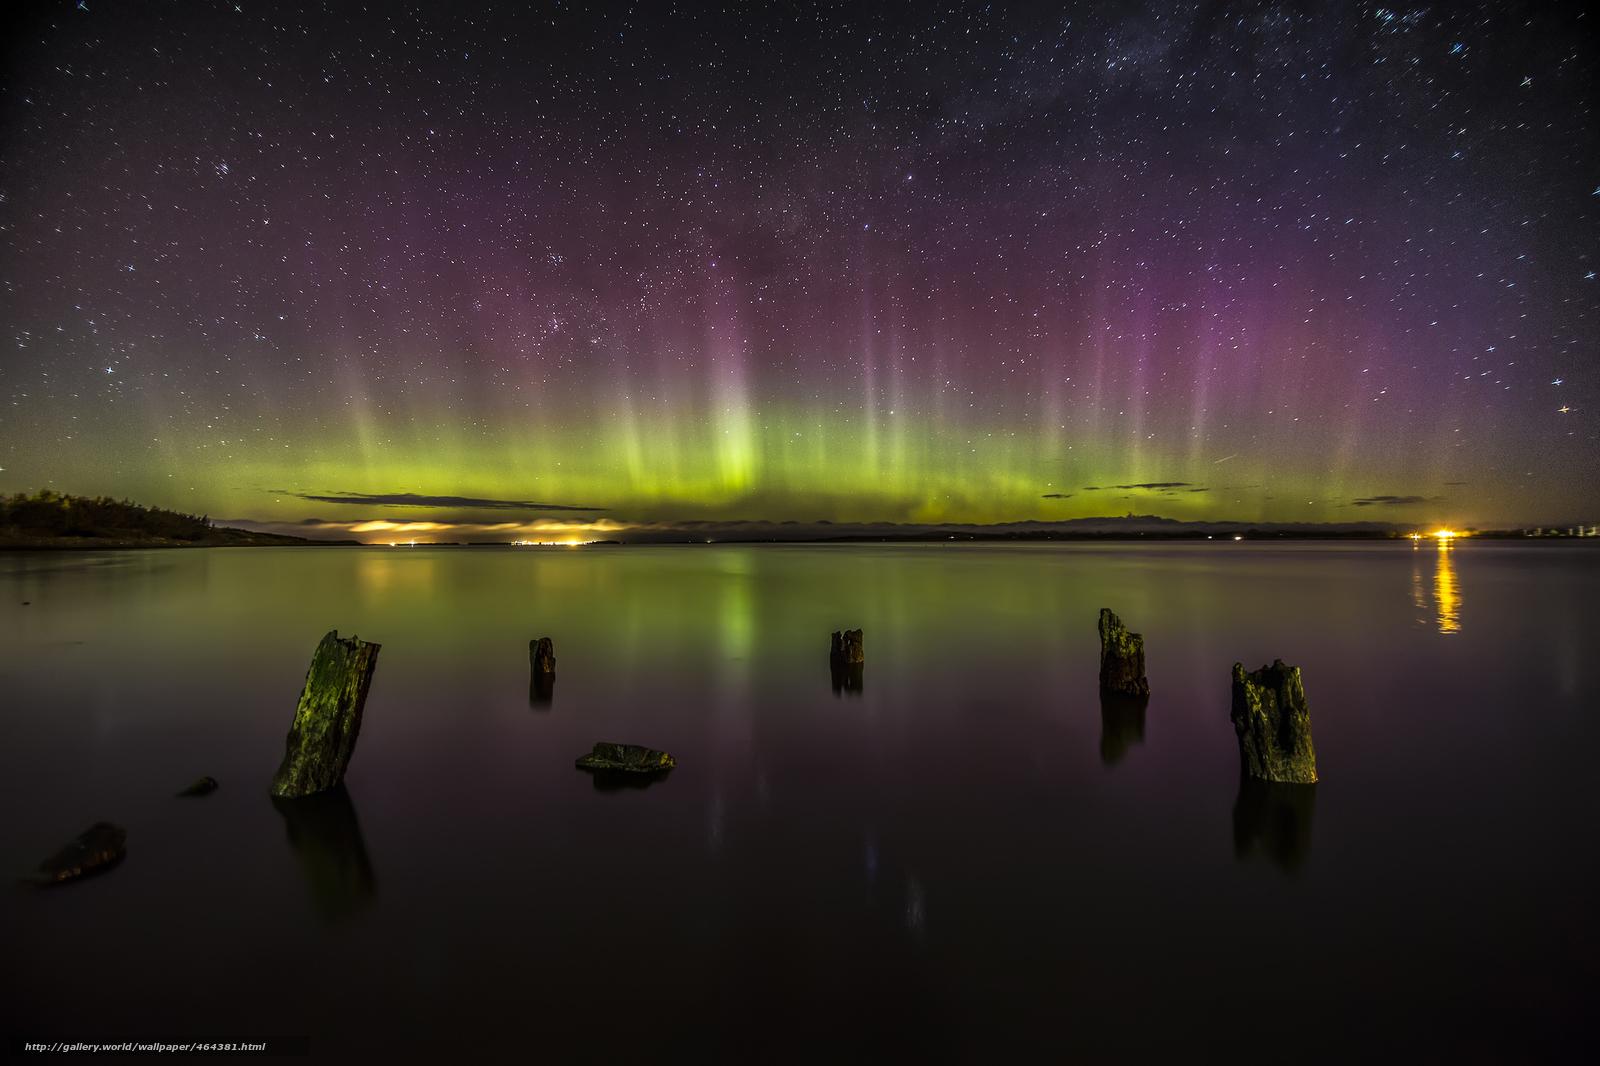 Scaricare gli sfondi mare acqua notte cielo sfondi for Sfondi desktop aurora boreale